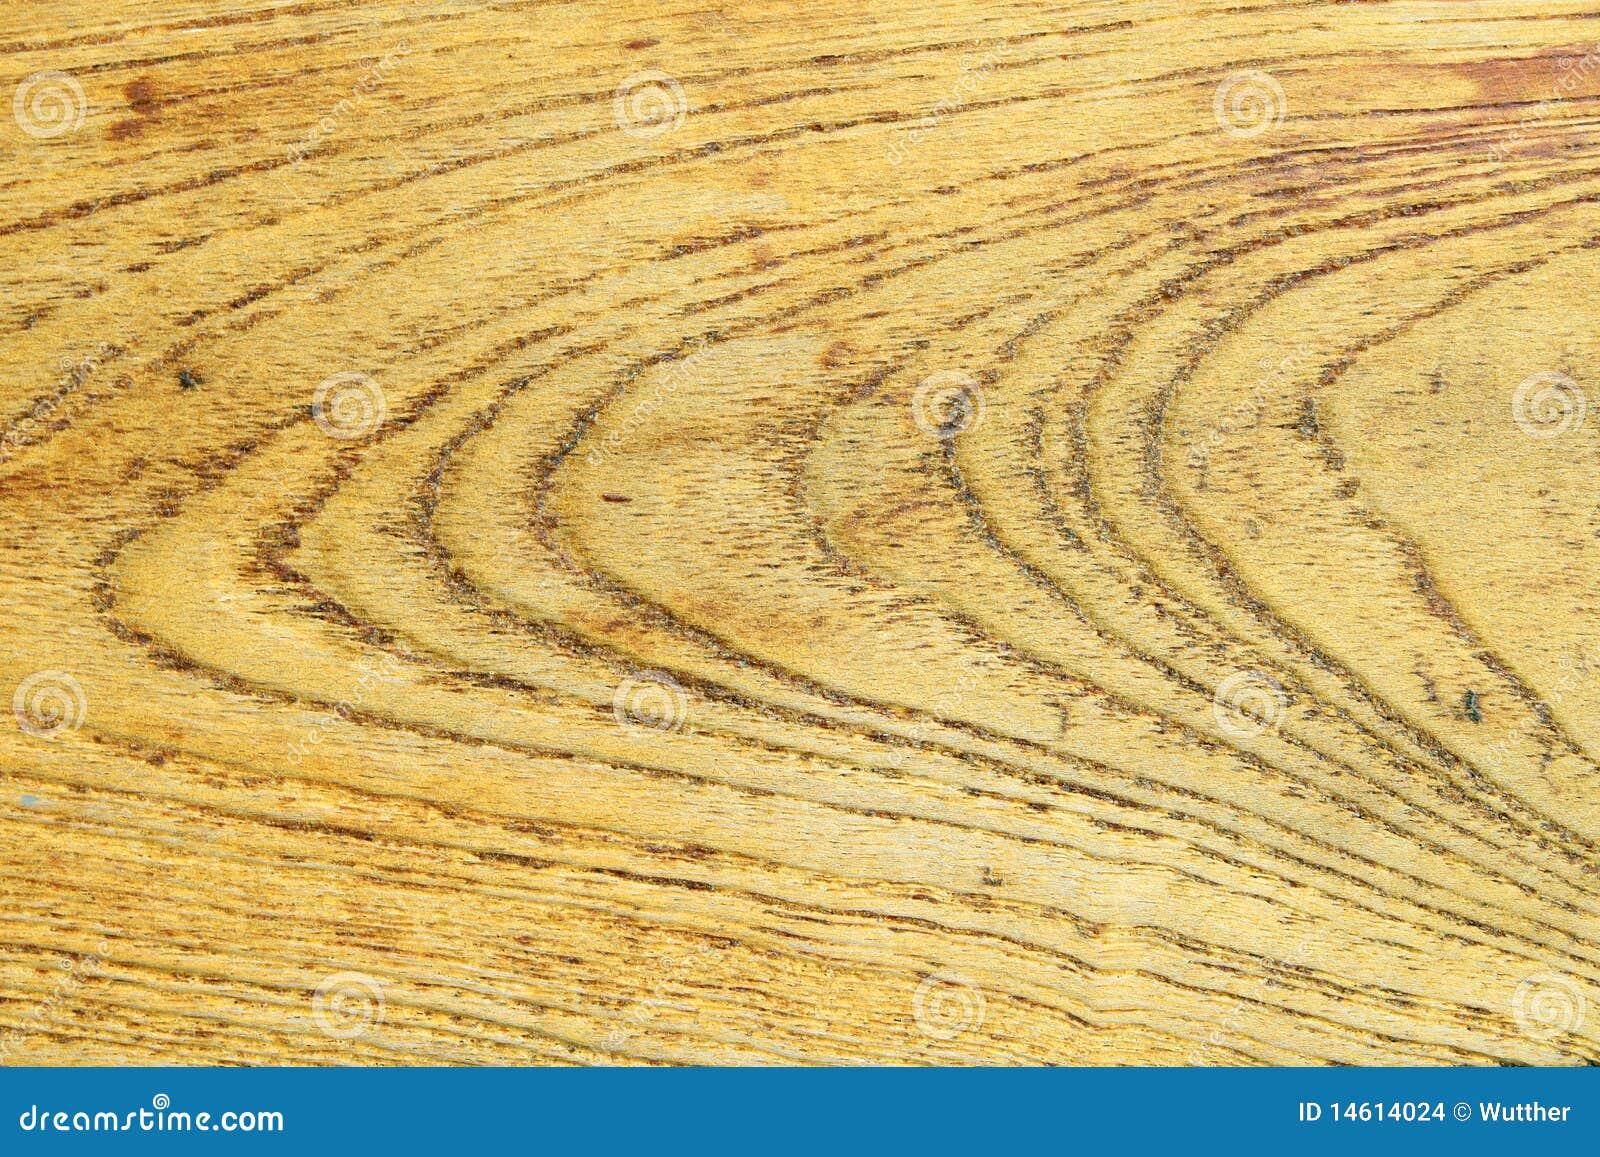 texture de bois photo stock image du parquet mat riau 14614024. Black Bedroom Furniture Sets. Home Design Ideas